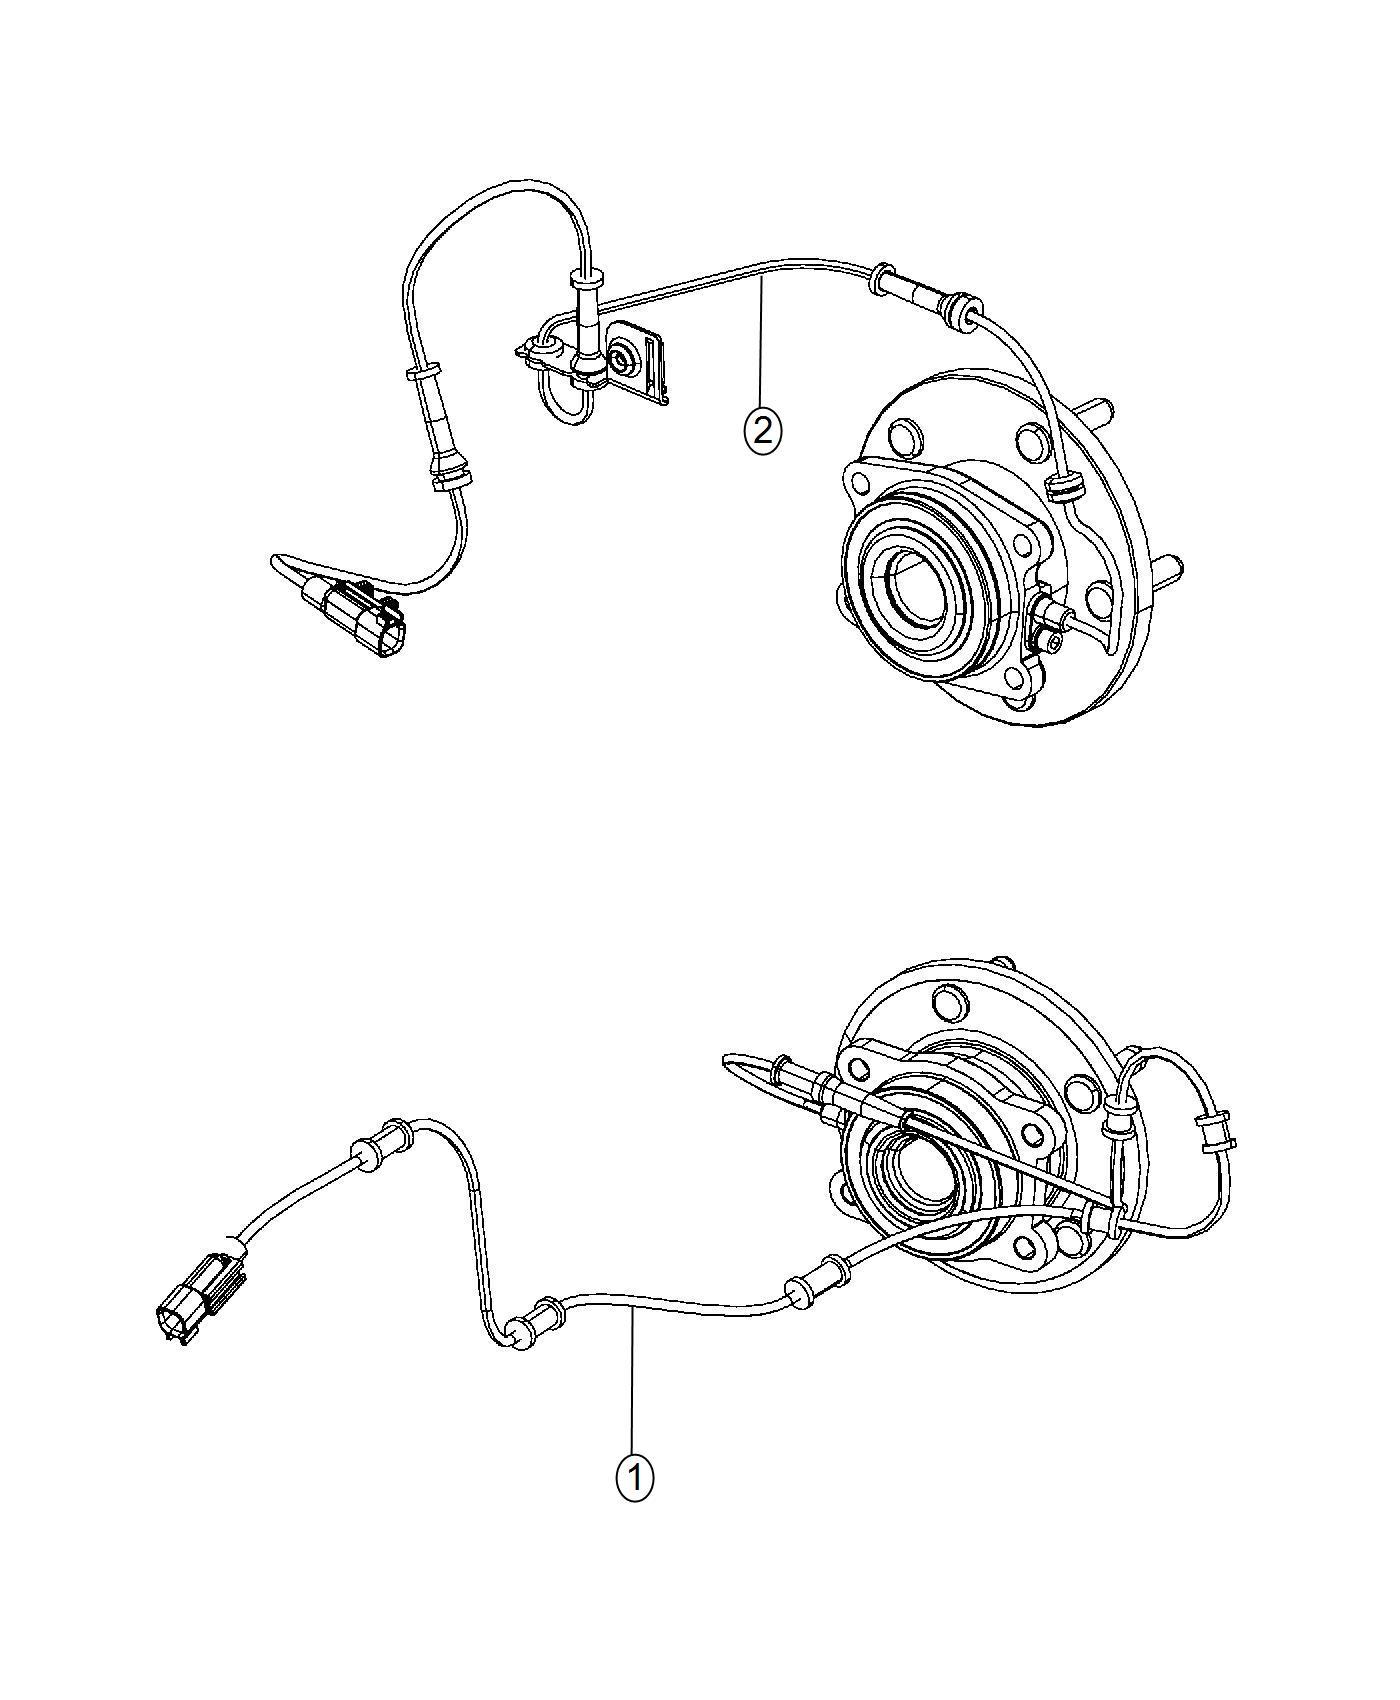 Ford Ranger Rear Brake Diagram Wiring Diagrams Dock